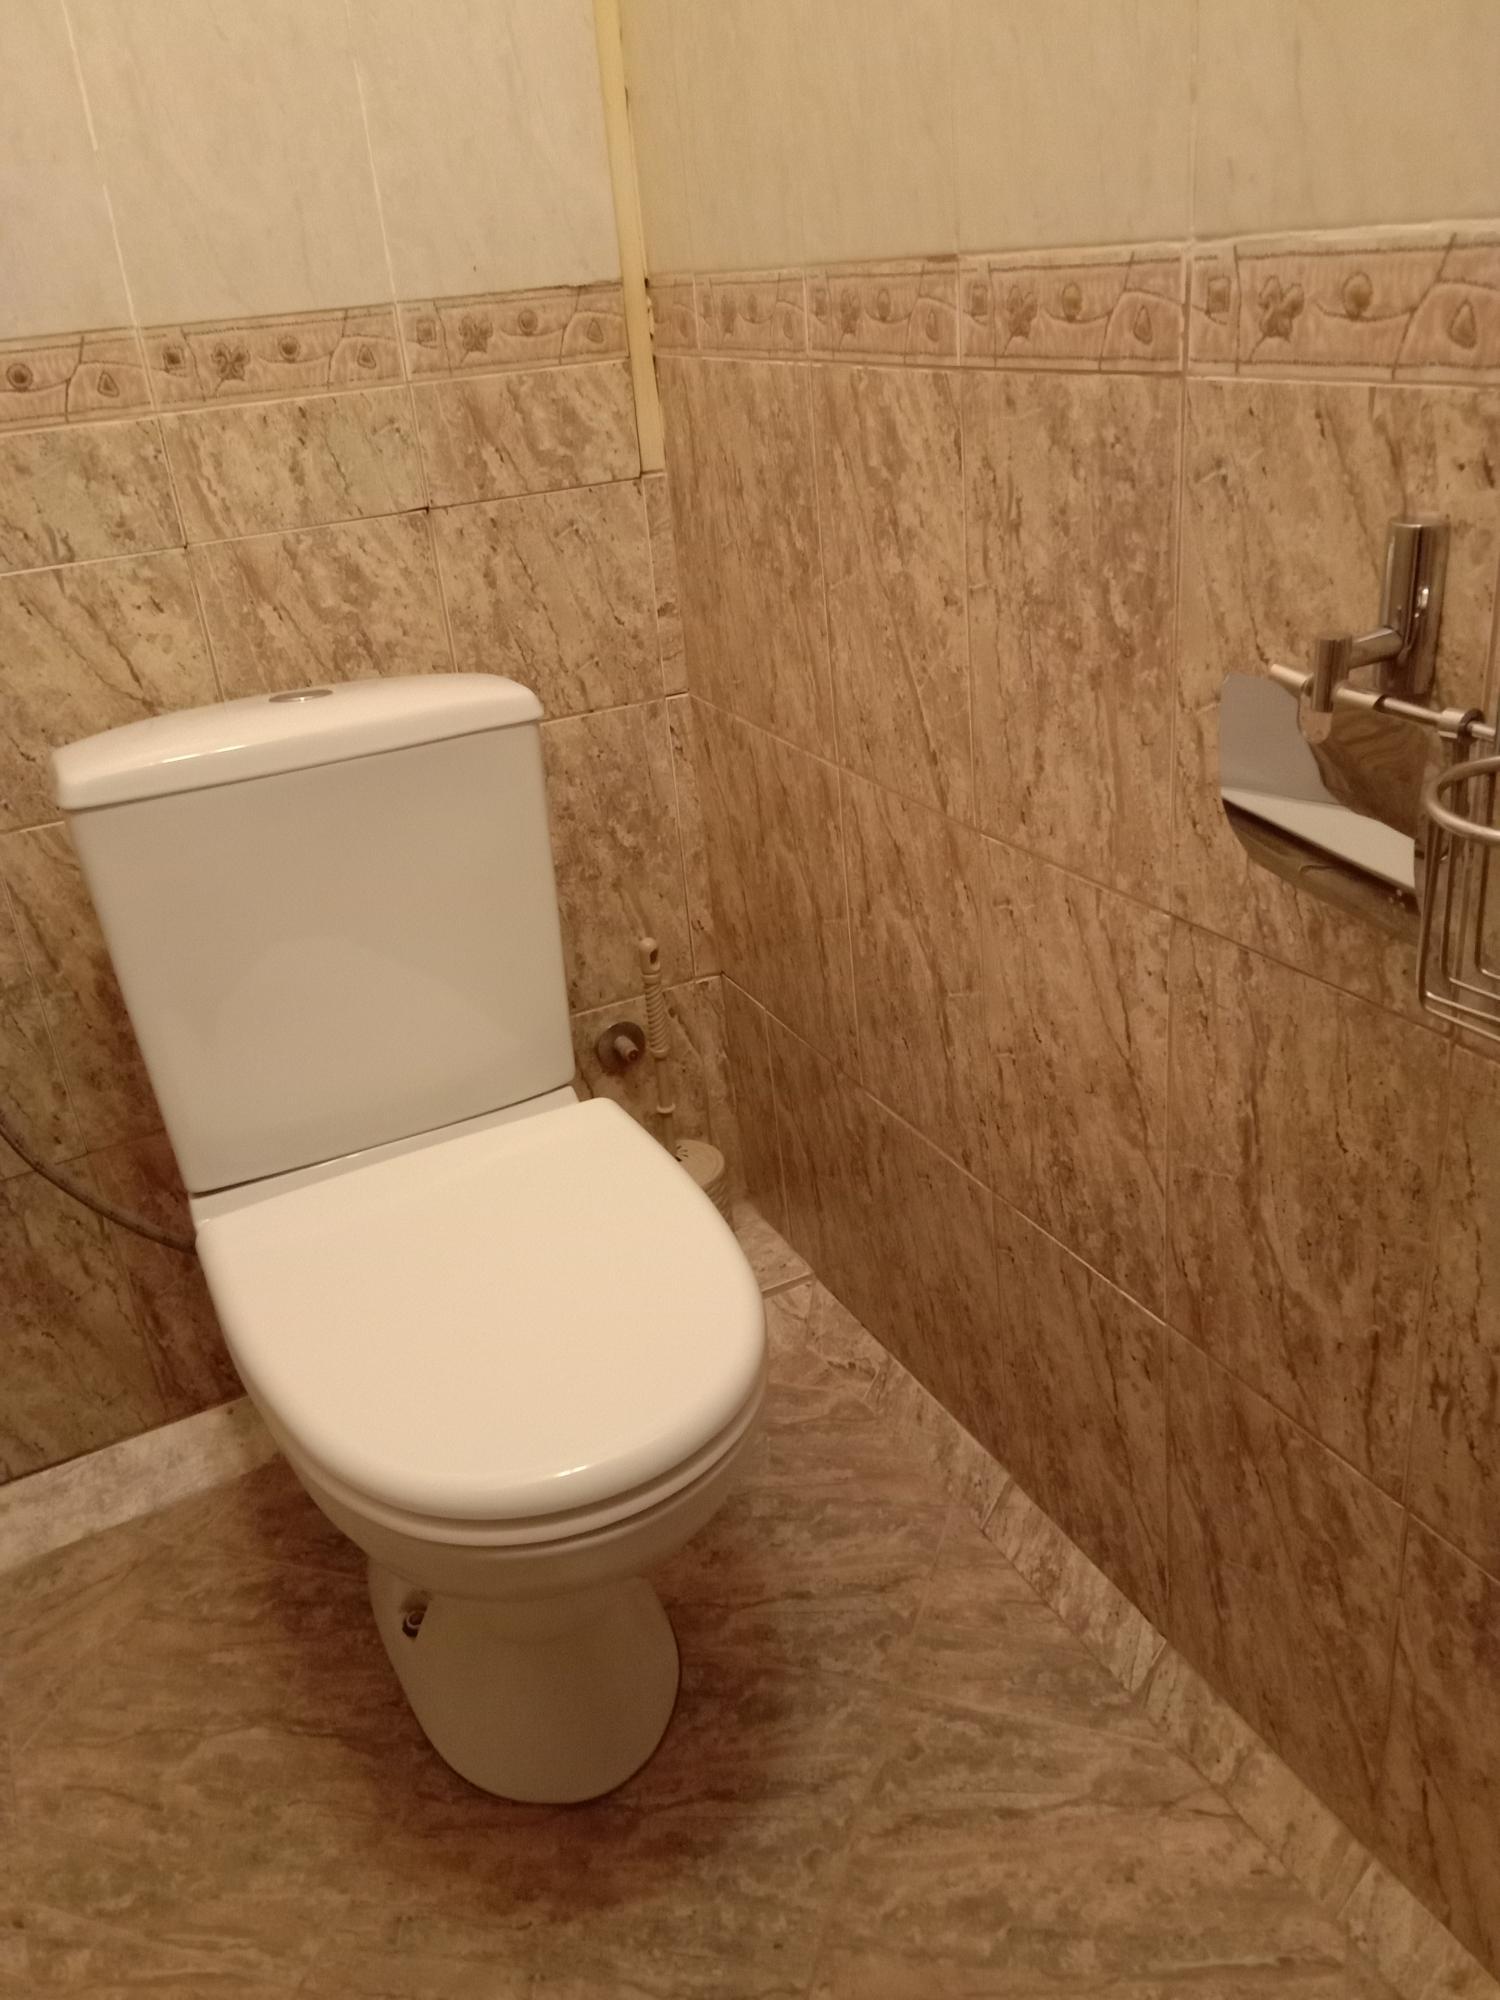 Квартира, 1 комната, 43.2 м² в Балашихе 89258773124 купить 5